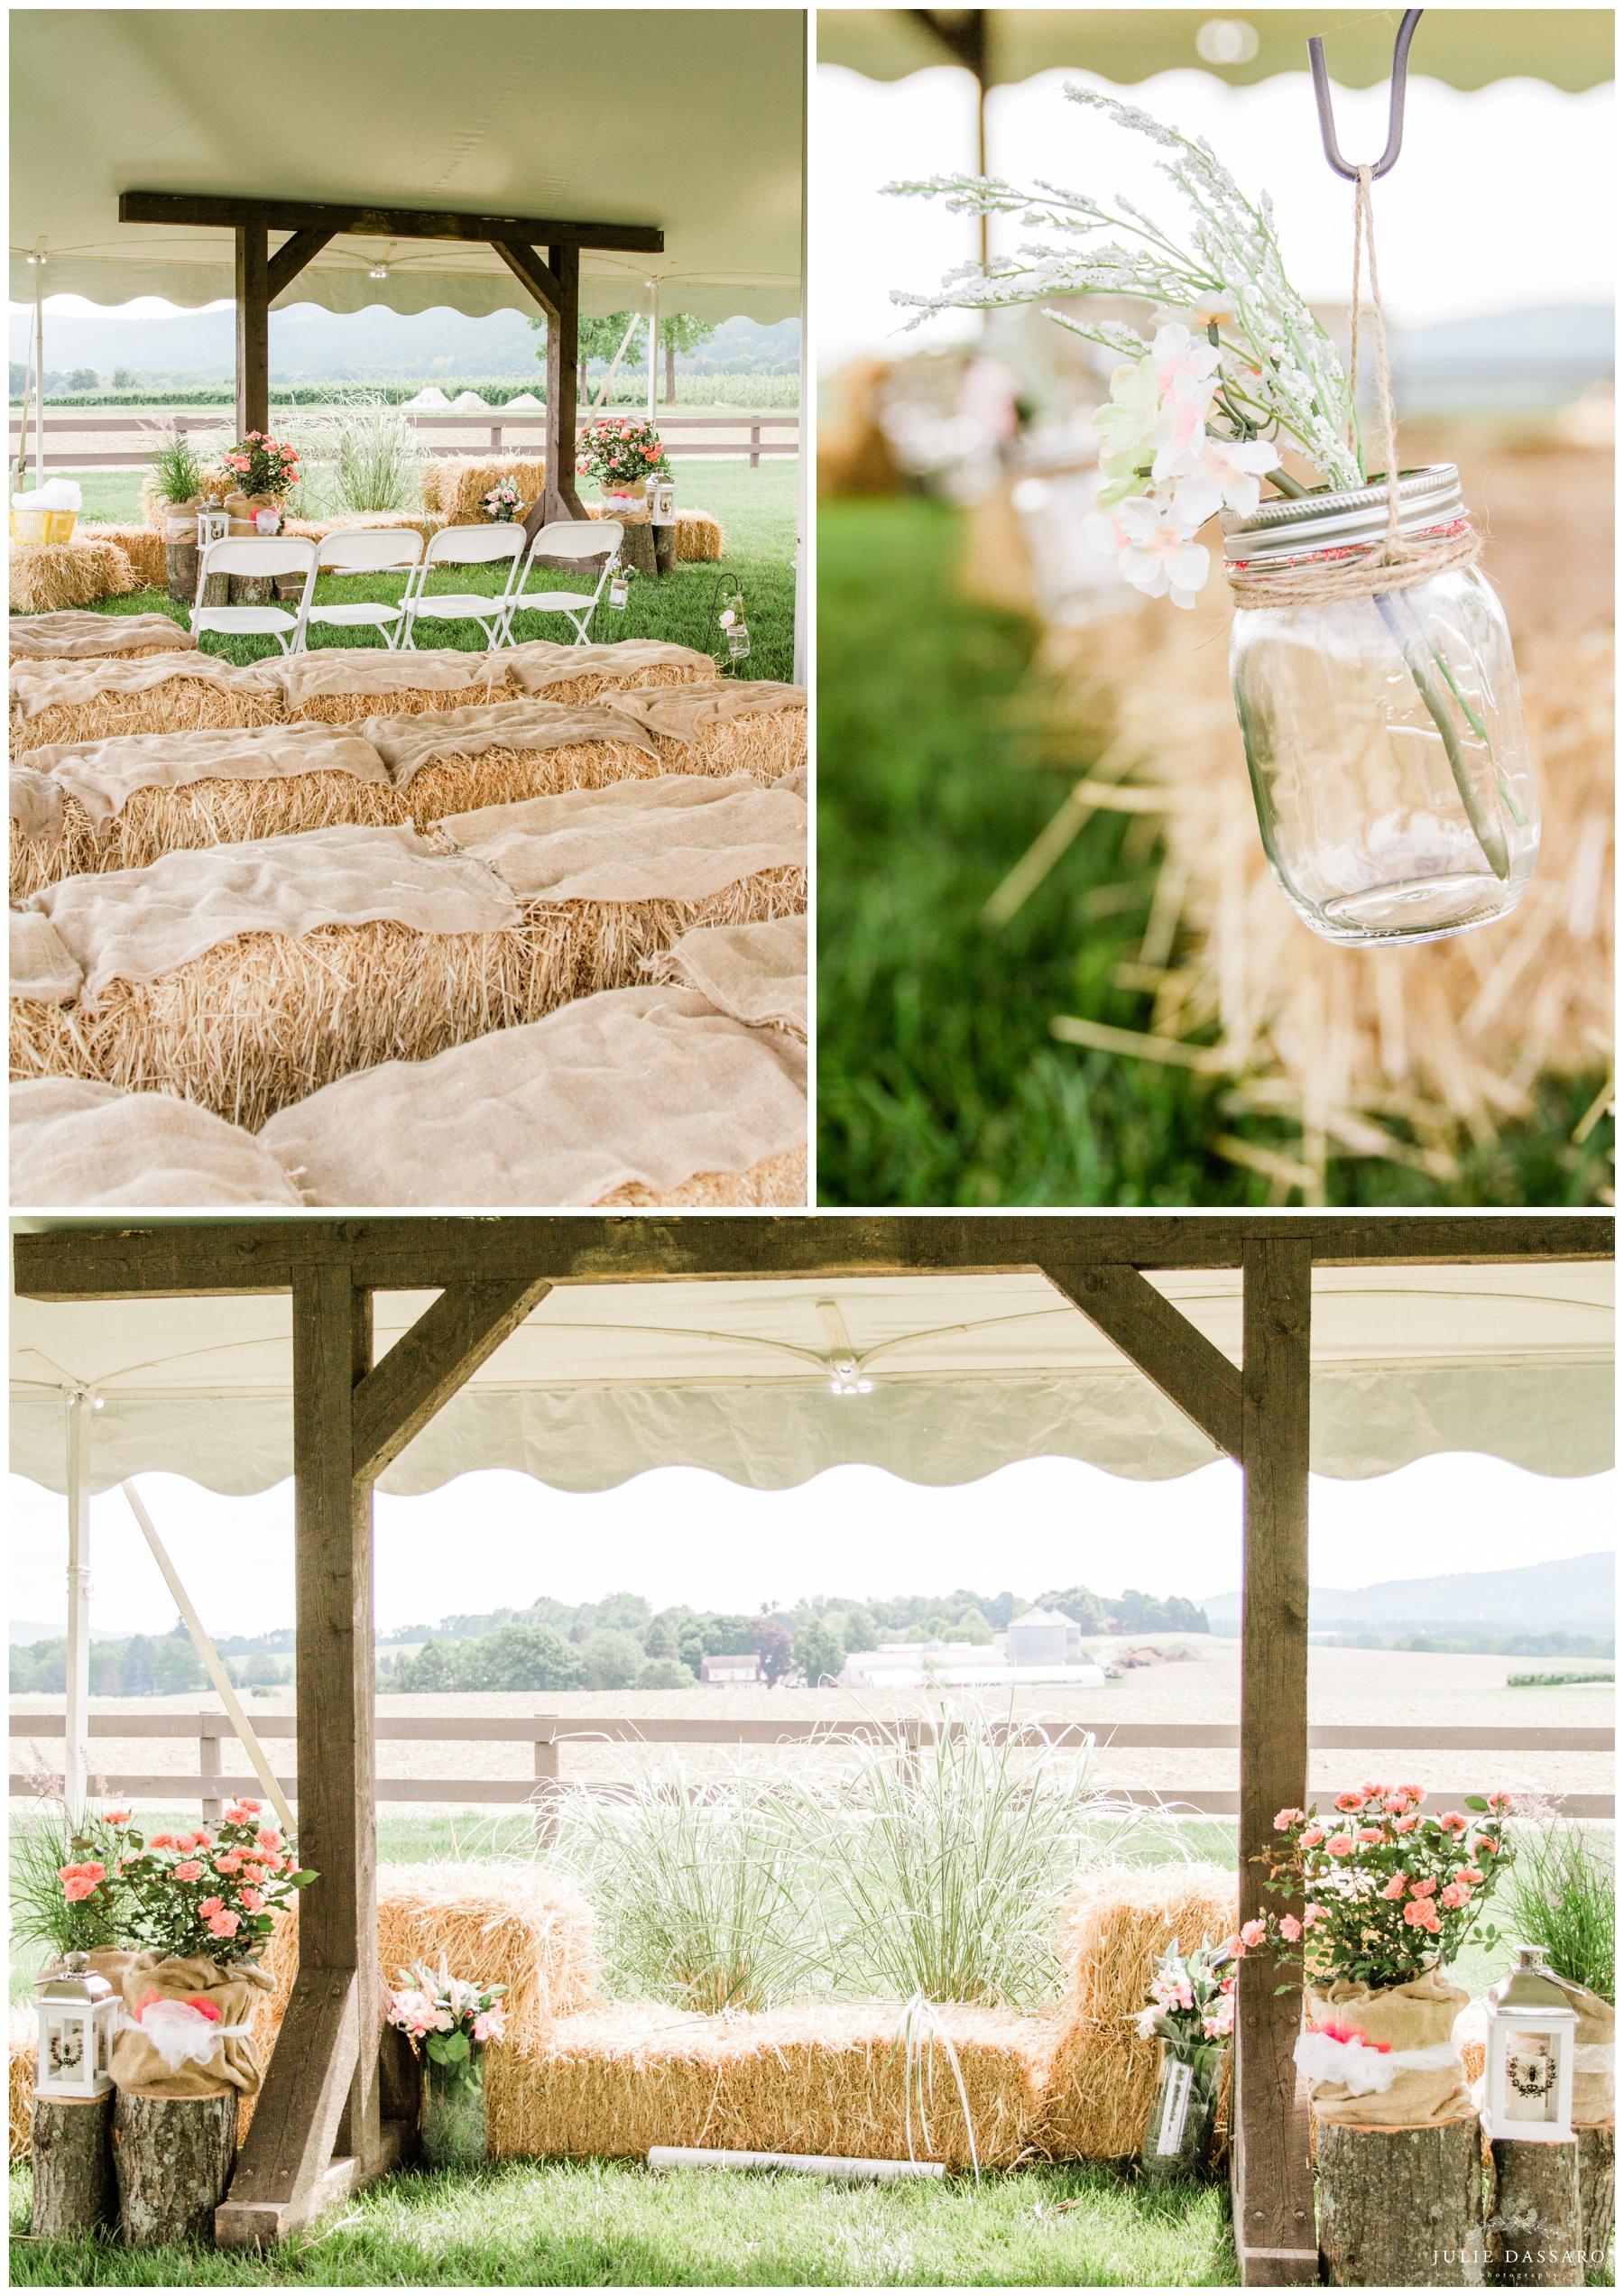 outdoor wedding ceremony hay bale seats